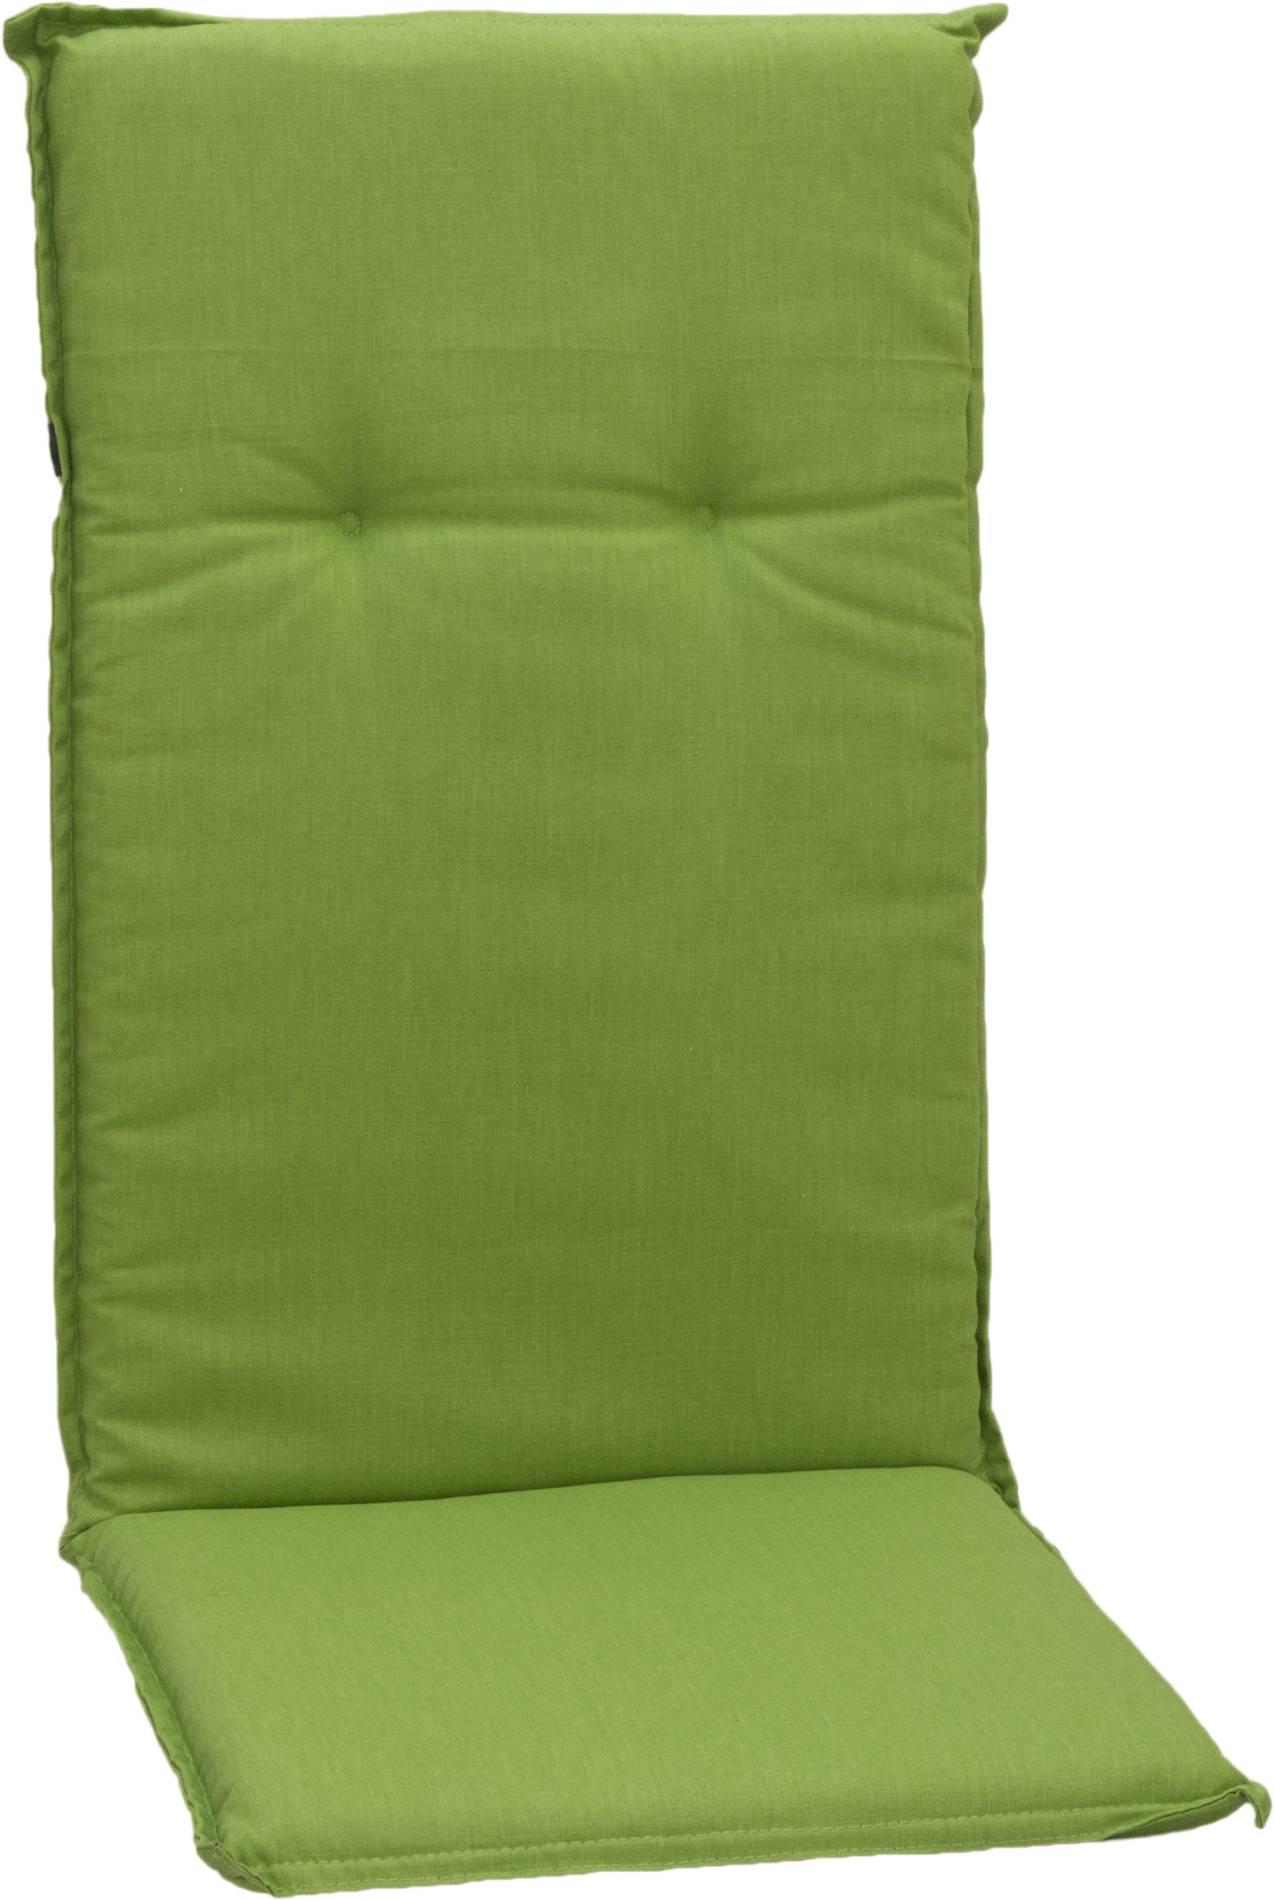 Saumauflage Hochlehner Polster für Gartenmöbel in apfelgrün